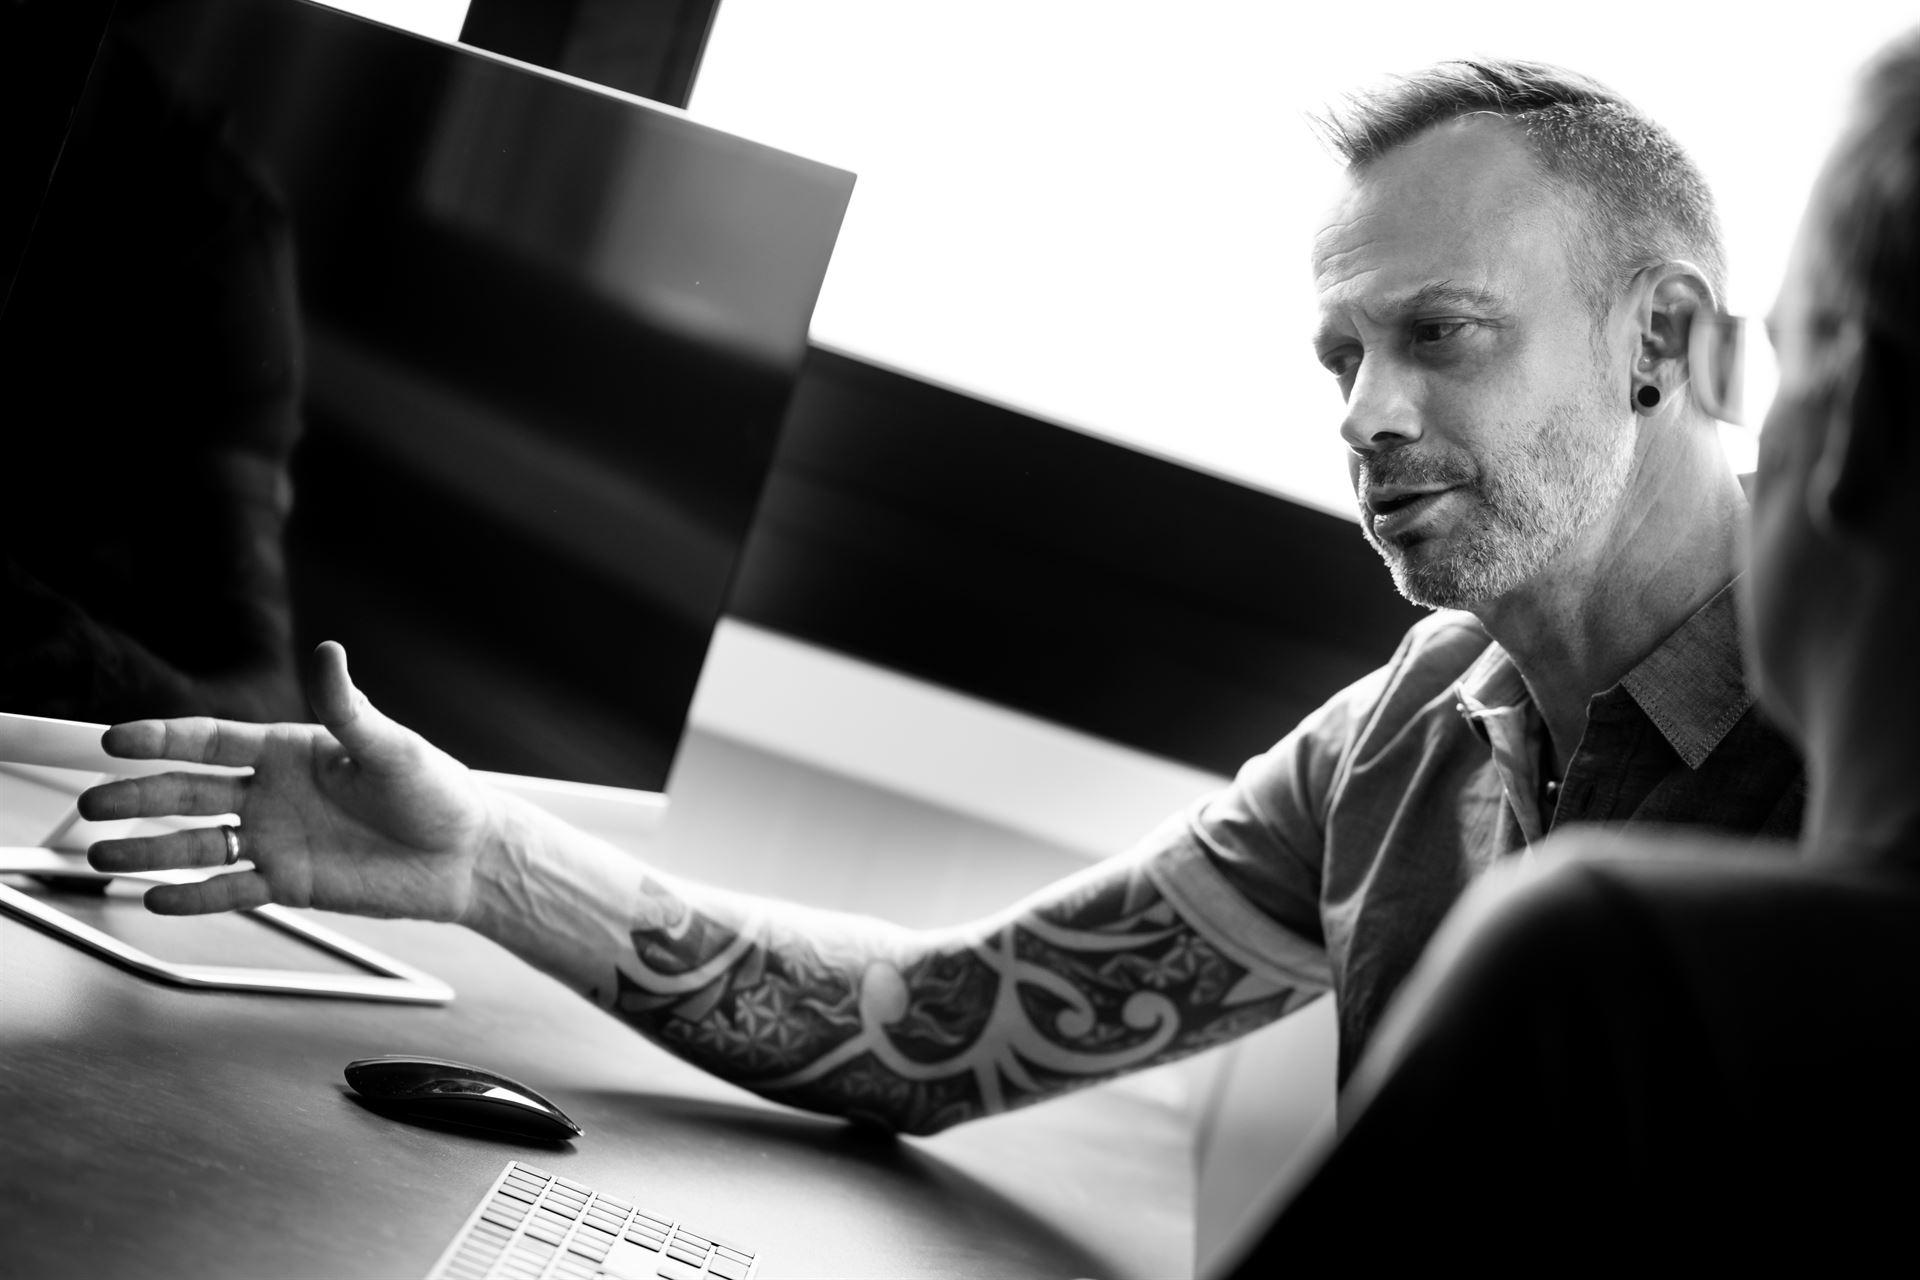 hils IT - Hils erklärt Kunde, Bildschirm im Hintergrund